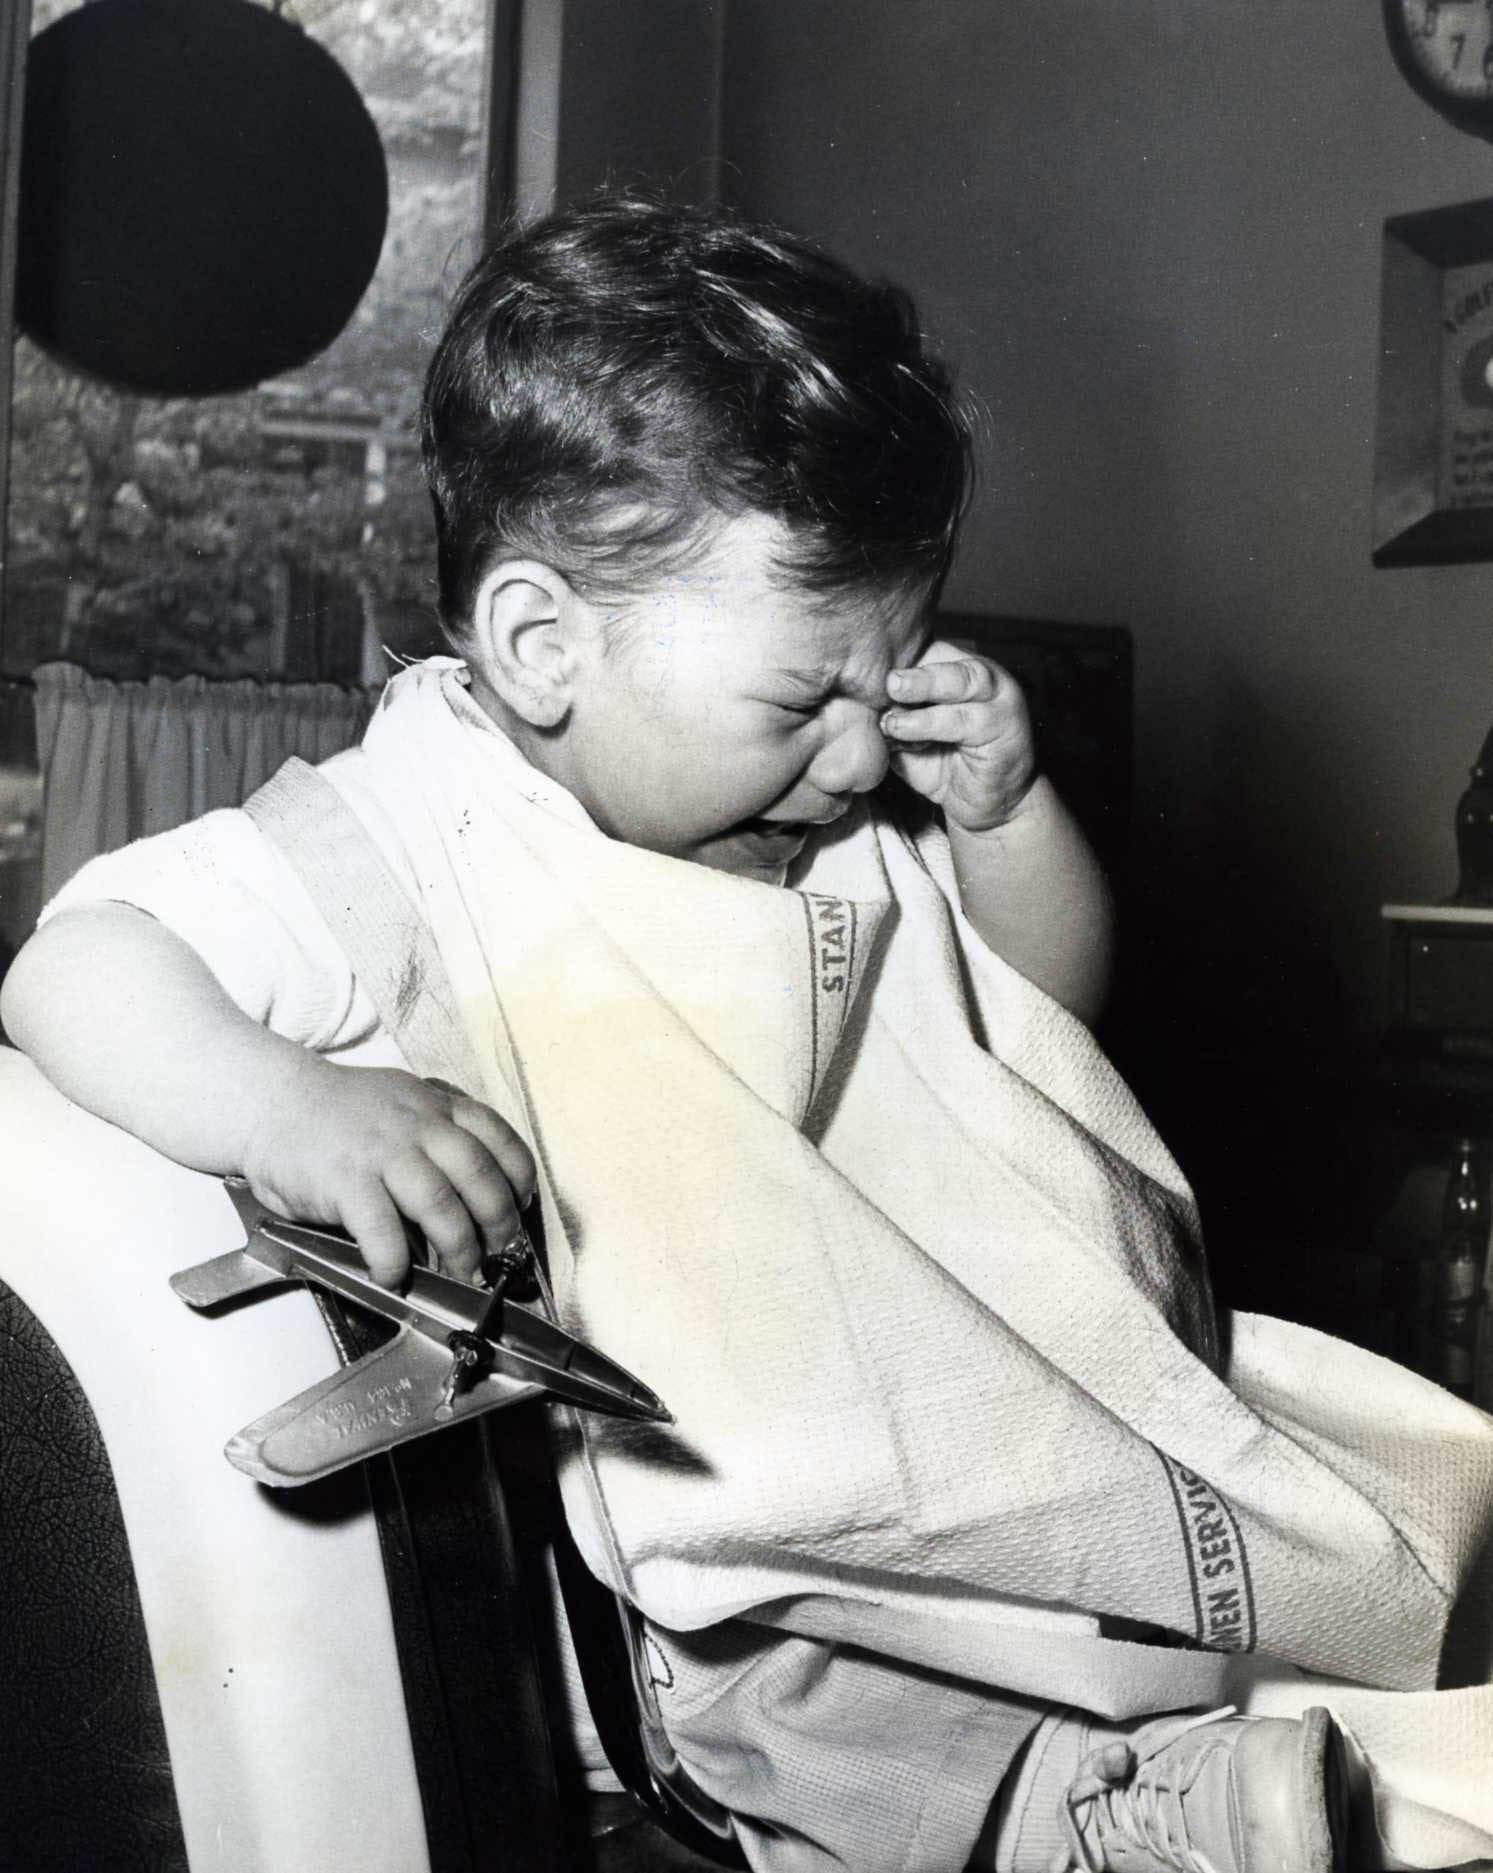 636618860105152524-Haircuts415.jpg